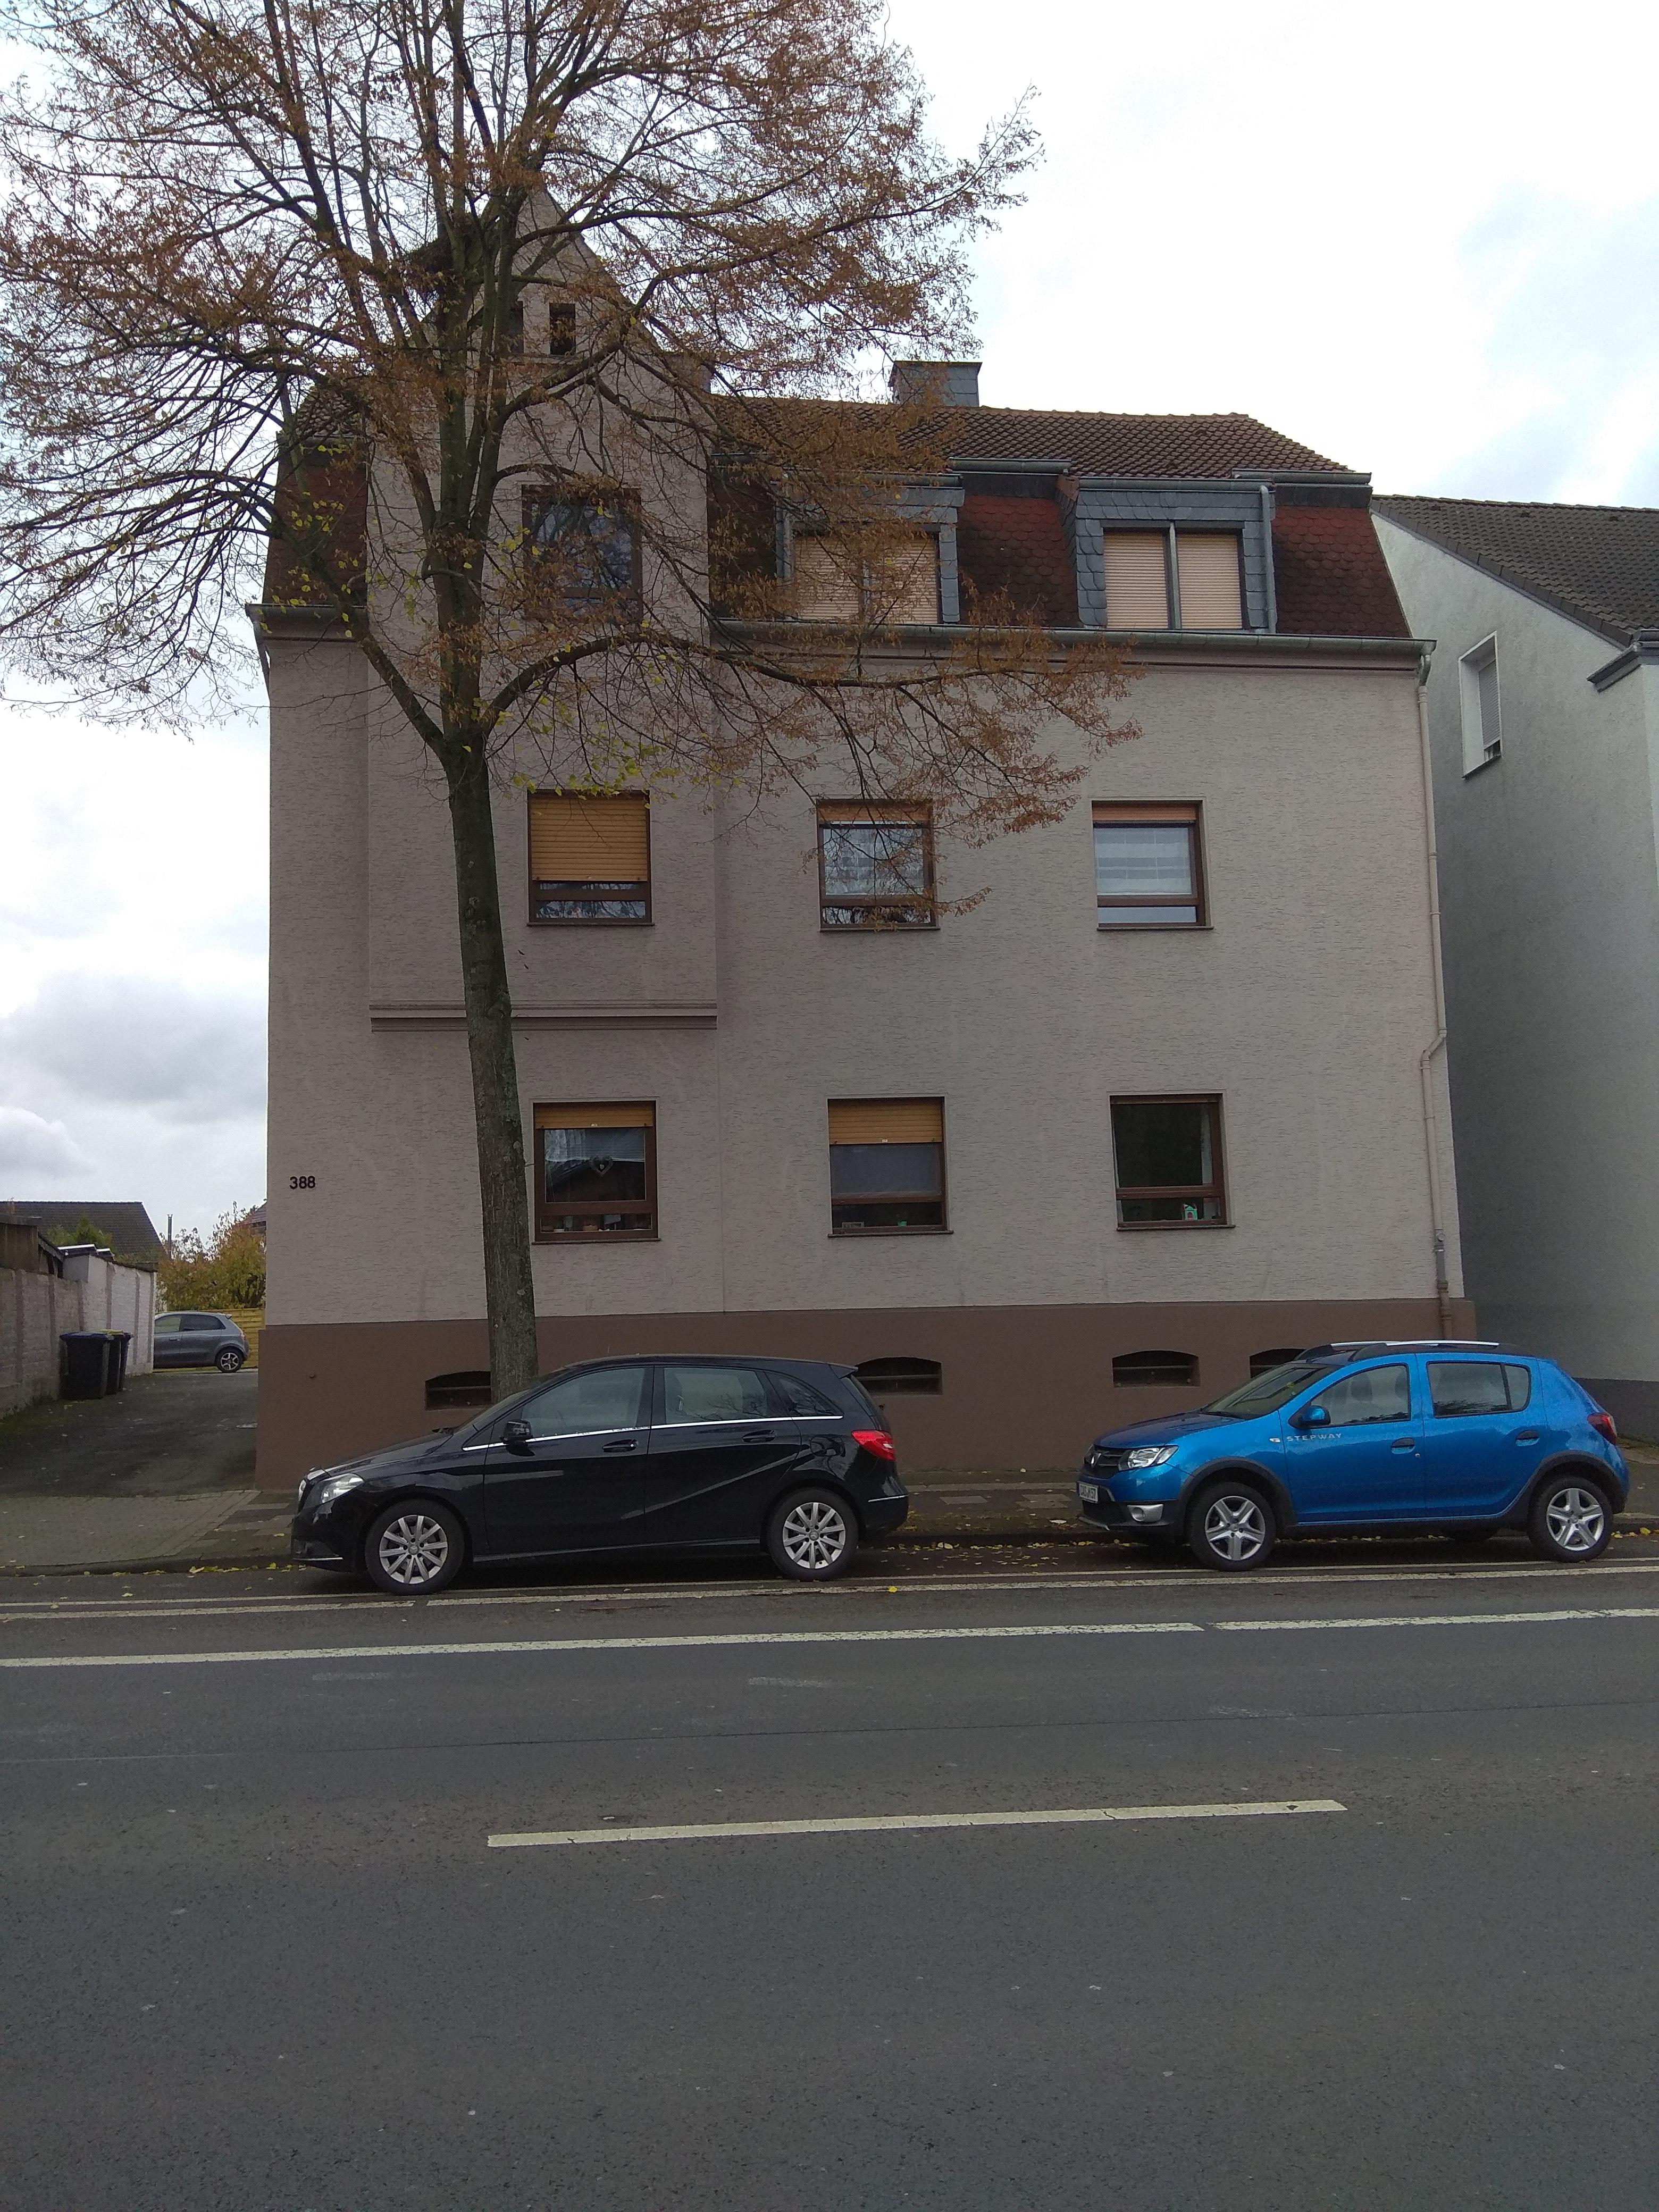 DG-Wohnung an der Grenze zu Dortmund!